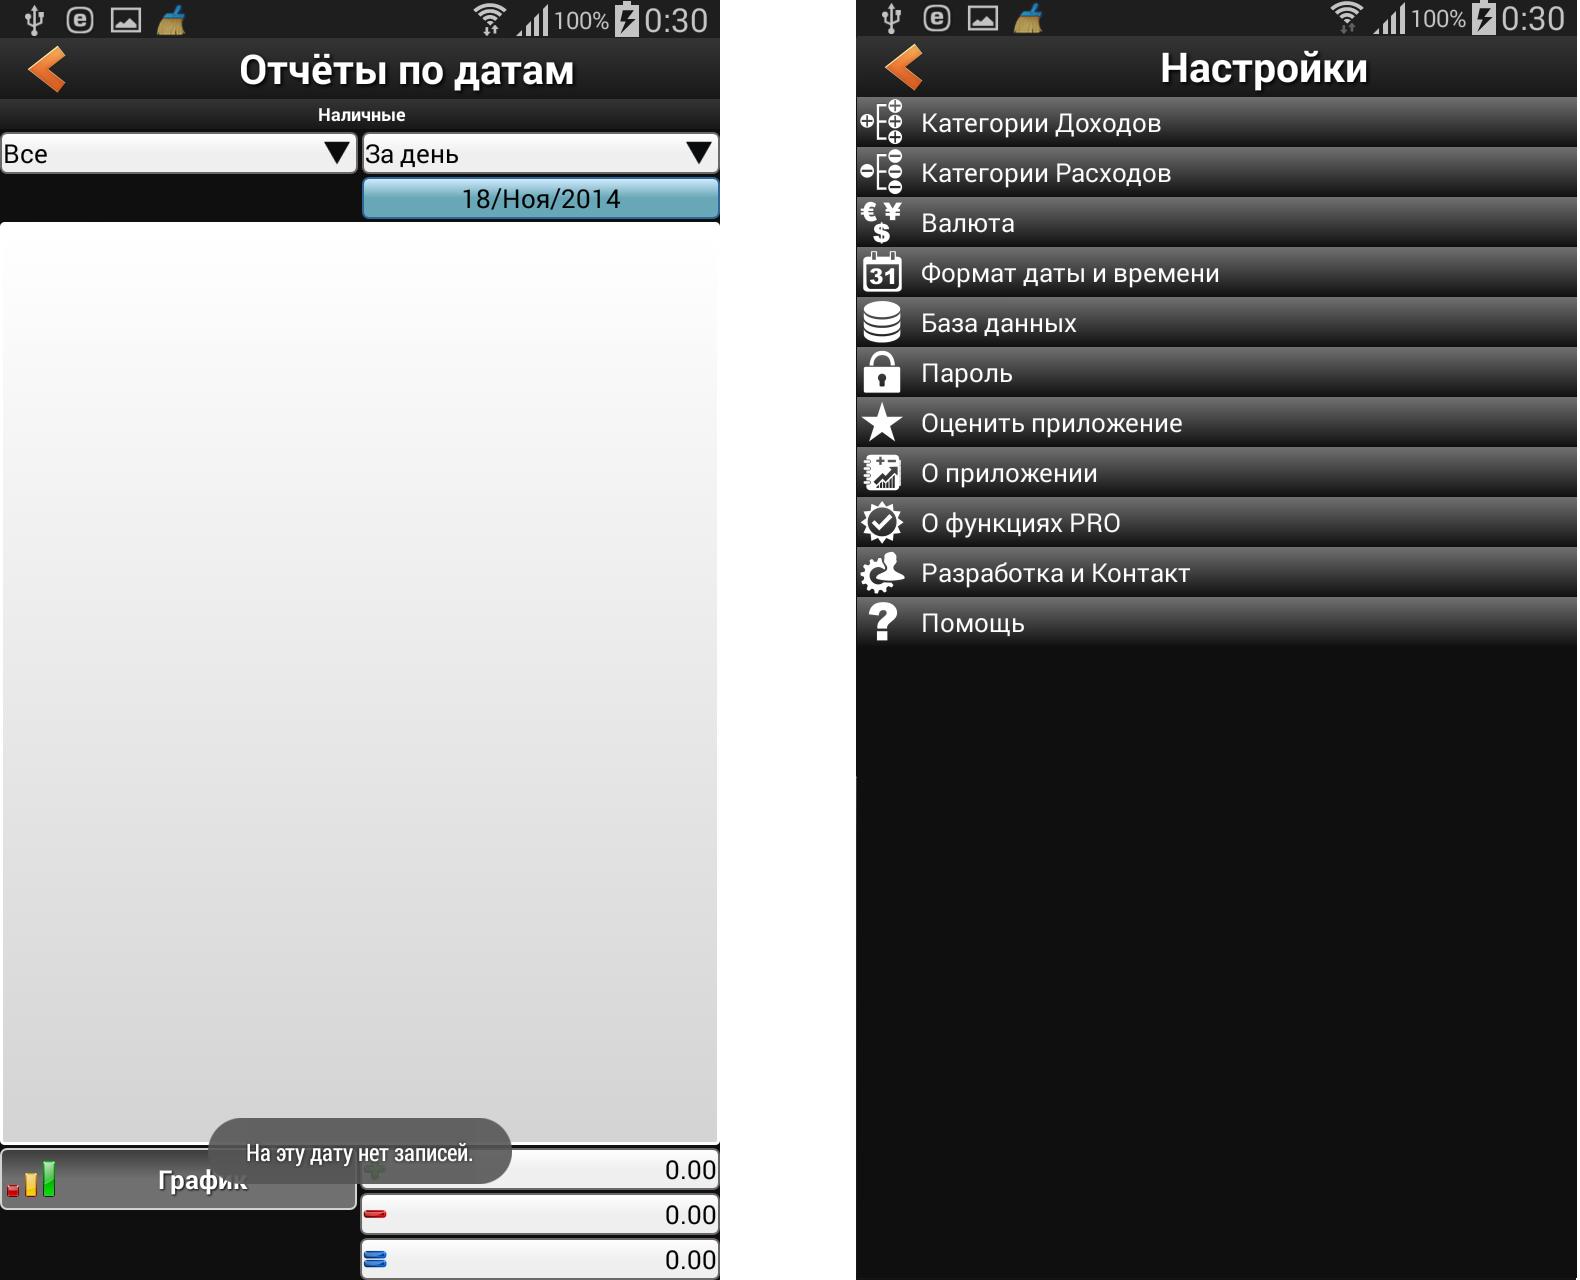 ТОП-20 приложений для Android - Ежедневные Расходы